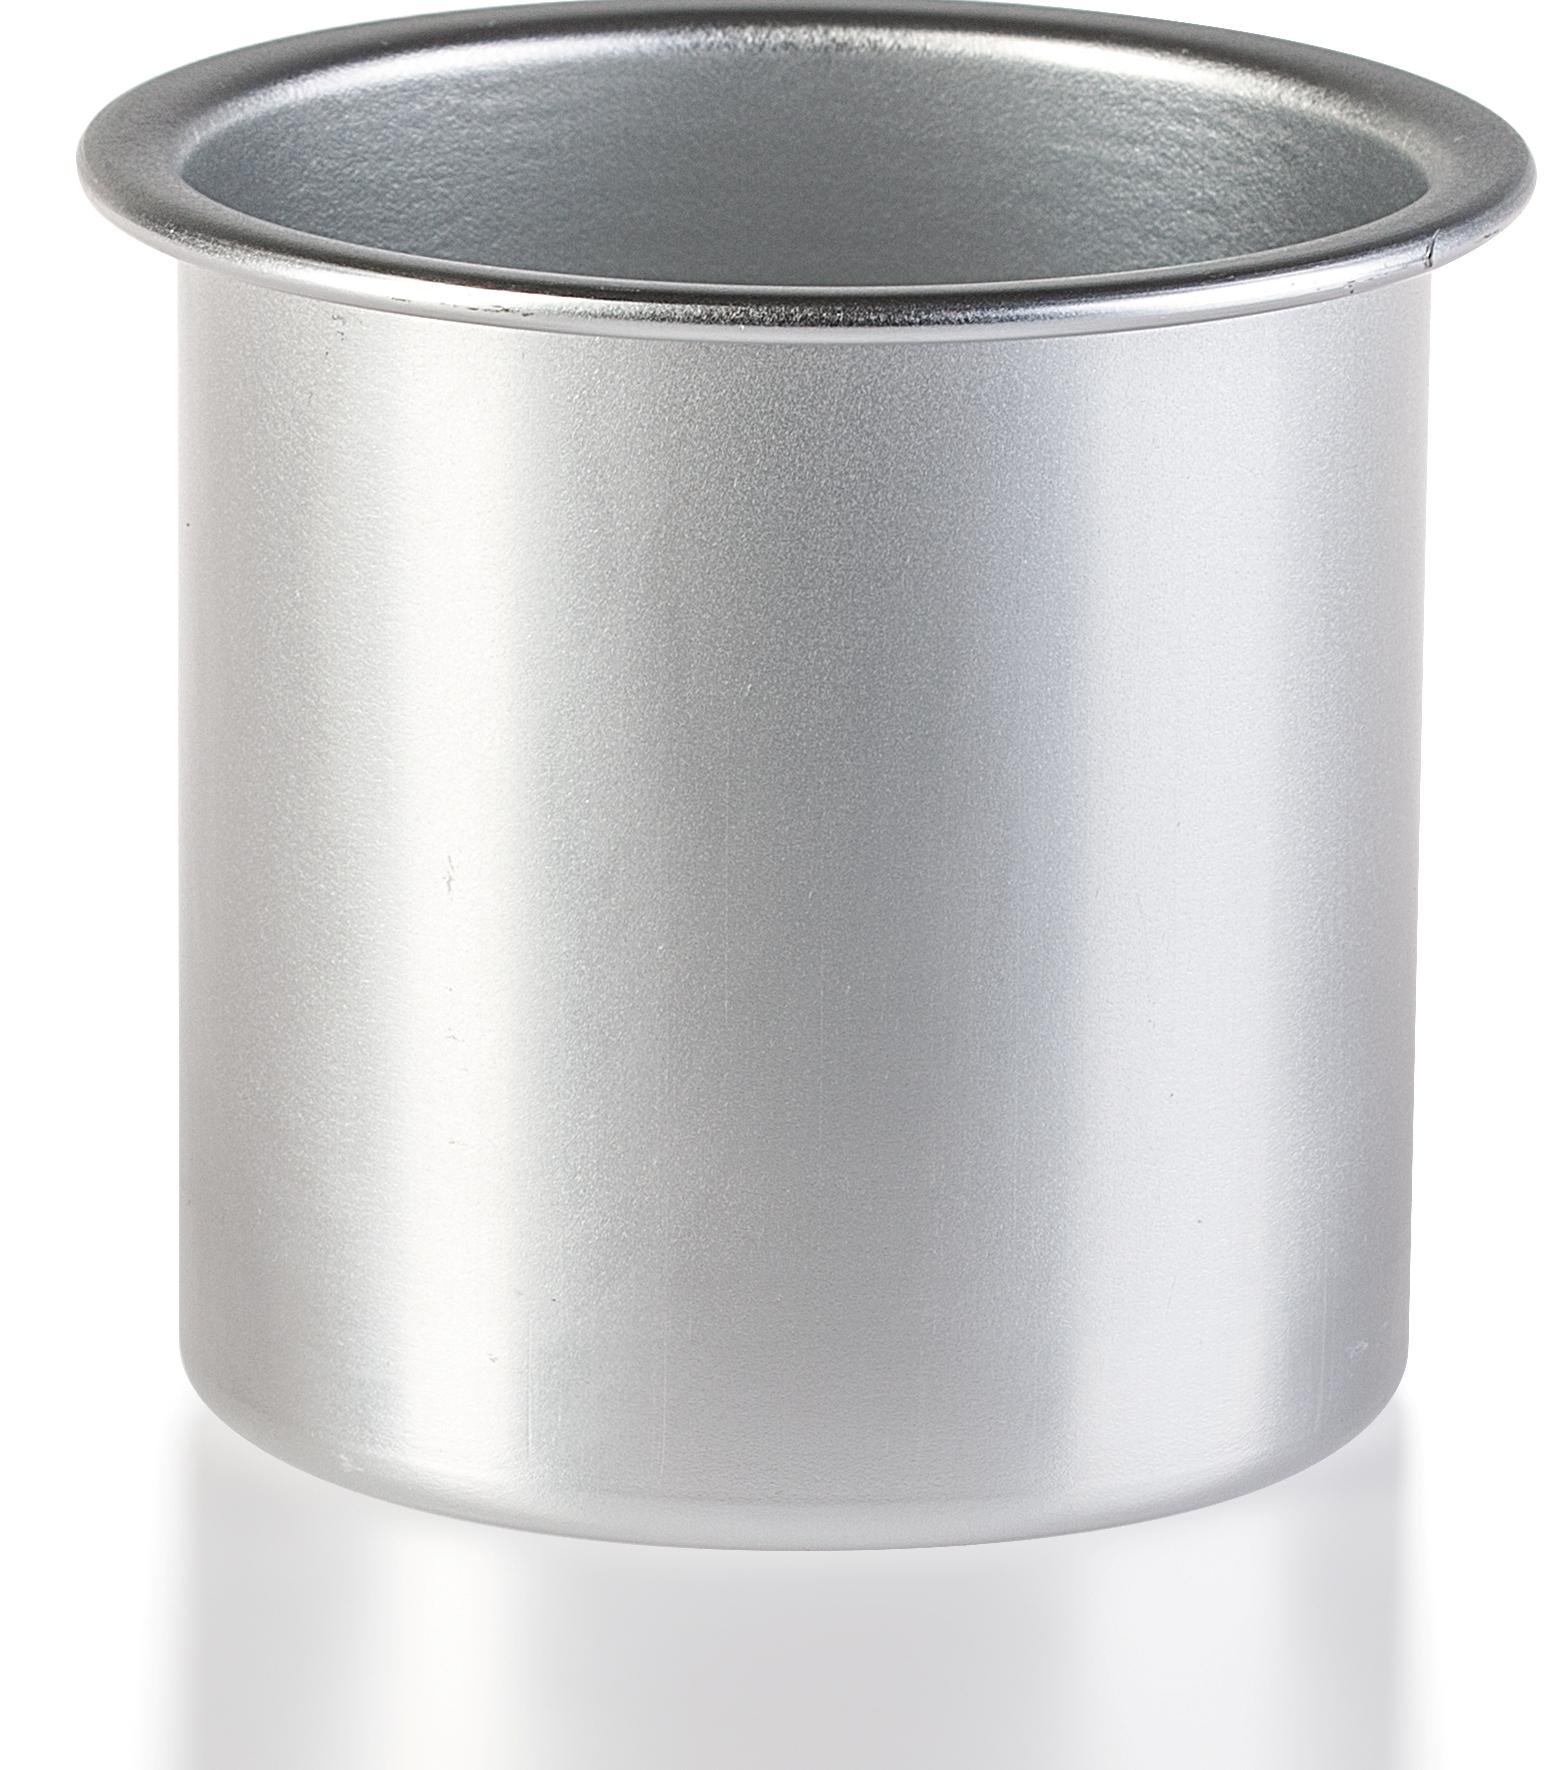 DEPILICA PROFESSIONAL Стакан для разогревания воска 800гр / Wax Warmer InsertОсобые аксессуары<br>Воски для эпиляции очень удобны в использовании &amp;ndash; достаточно нескольких минут нагрева, и они уже готовы к применению. Но не у каждого вида воска имеется в комплекте посуда, в которой будет осуществляться нагрев. Например, горячий воск в гранулах продается в пакете, без банки для его плавления. В этом случае придет на помощь Depilica &amp;ndash; стакан для разогревания воска на 800 грамм. Он вставляется в нагреватель вместо банки с воском, позволяя расплавлять любое количество средства для эпиляции. Стакан выполнен из алюминия, что обеспечивает быстрый нагрев и плавление восковых гранул. Удобный бортик стакана позволяет использовать держатель для помещения стакана в нагреватель и изъятия его оттуда. Способ применения: отмерьте необходимое количество гранулированного воска и насыпьте его в алюминиевый стакан. Наденьте на стакан защитный бумажный круг, чтобы уберечь нагреватель от капель воска и поставьте его в воскоплав при помощи держателя. Разогрев воск, достаньте стакан из нагревателя, пользуясь держателем для банок.<br>